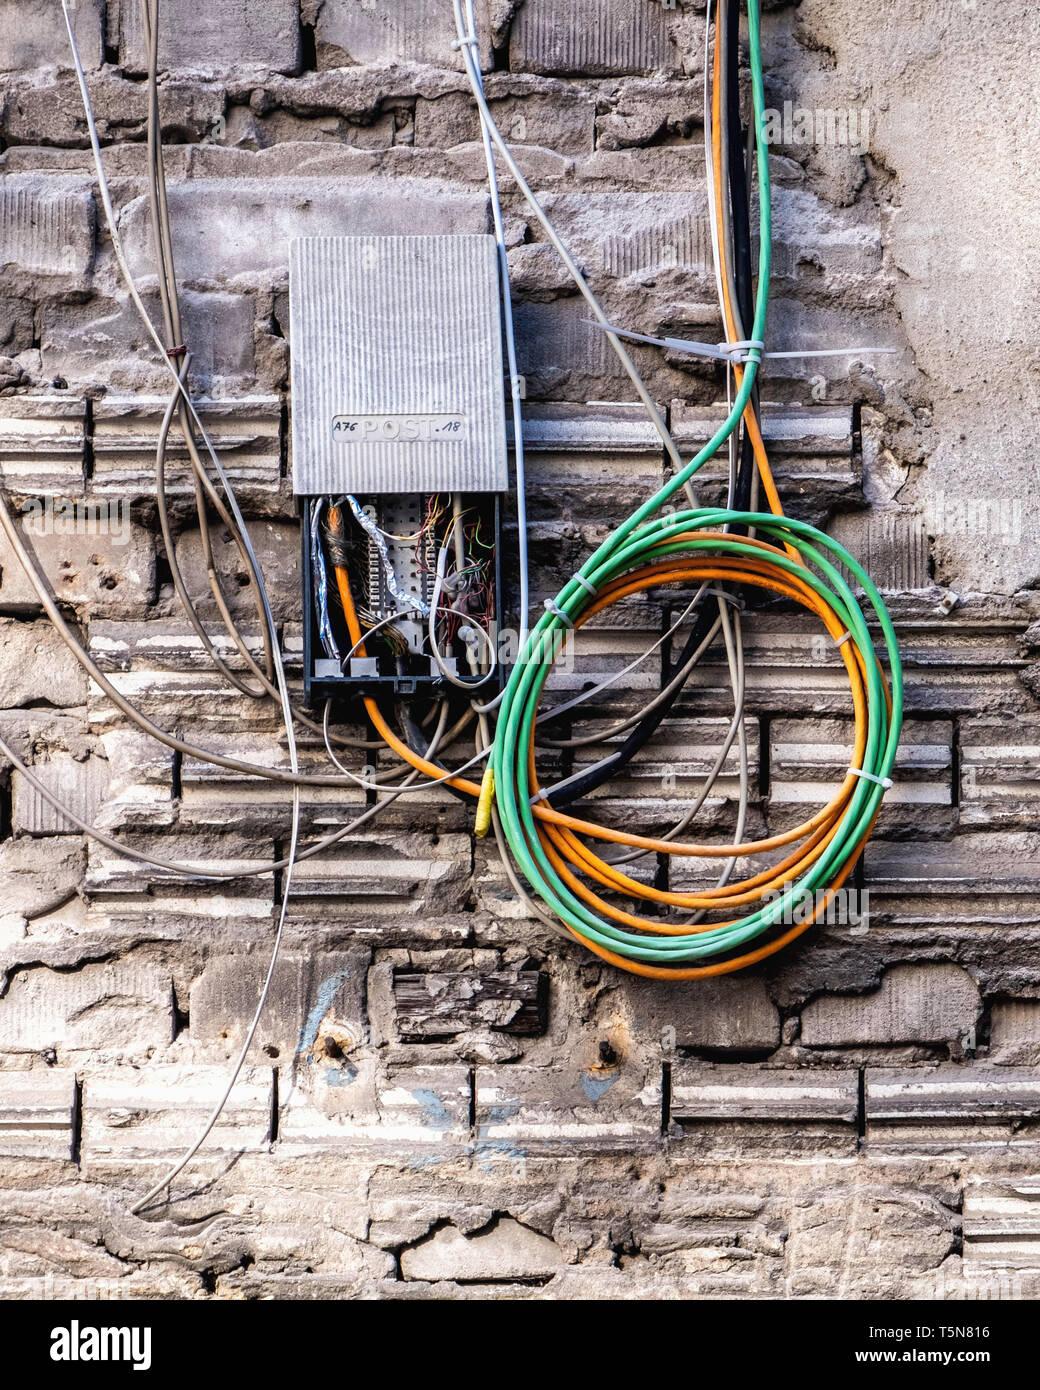 Boda, Berlin.El cableado eléctrico en el patio interior del ruinoso antiguo edificio industrial junto al río Panke Gerichtstrasse 23.Edificio en detalle. Foto de stock